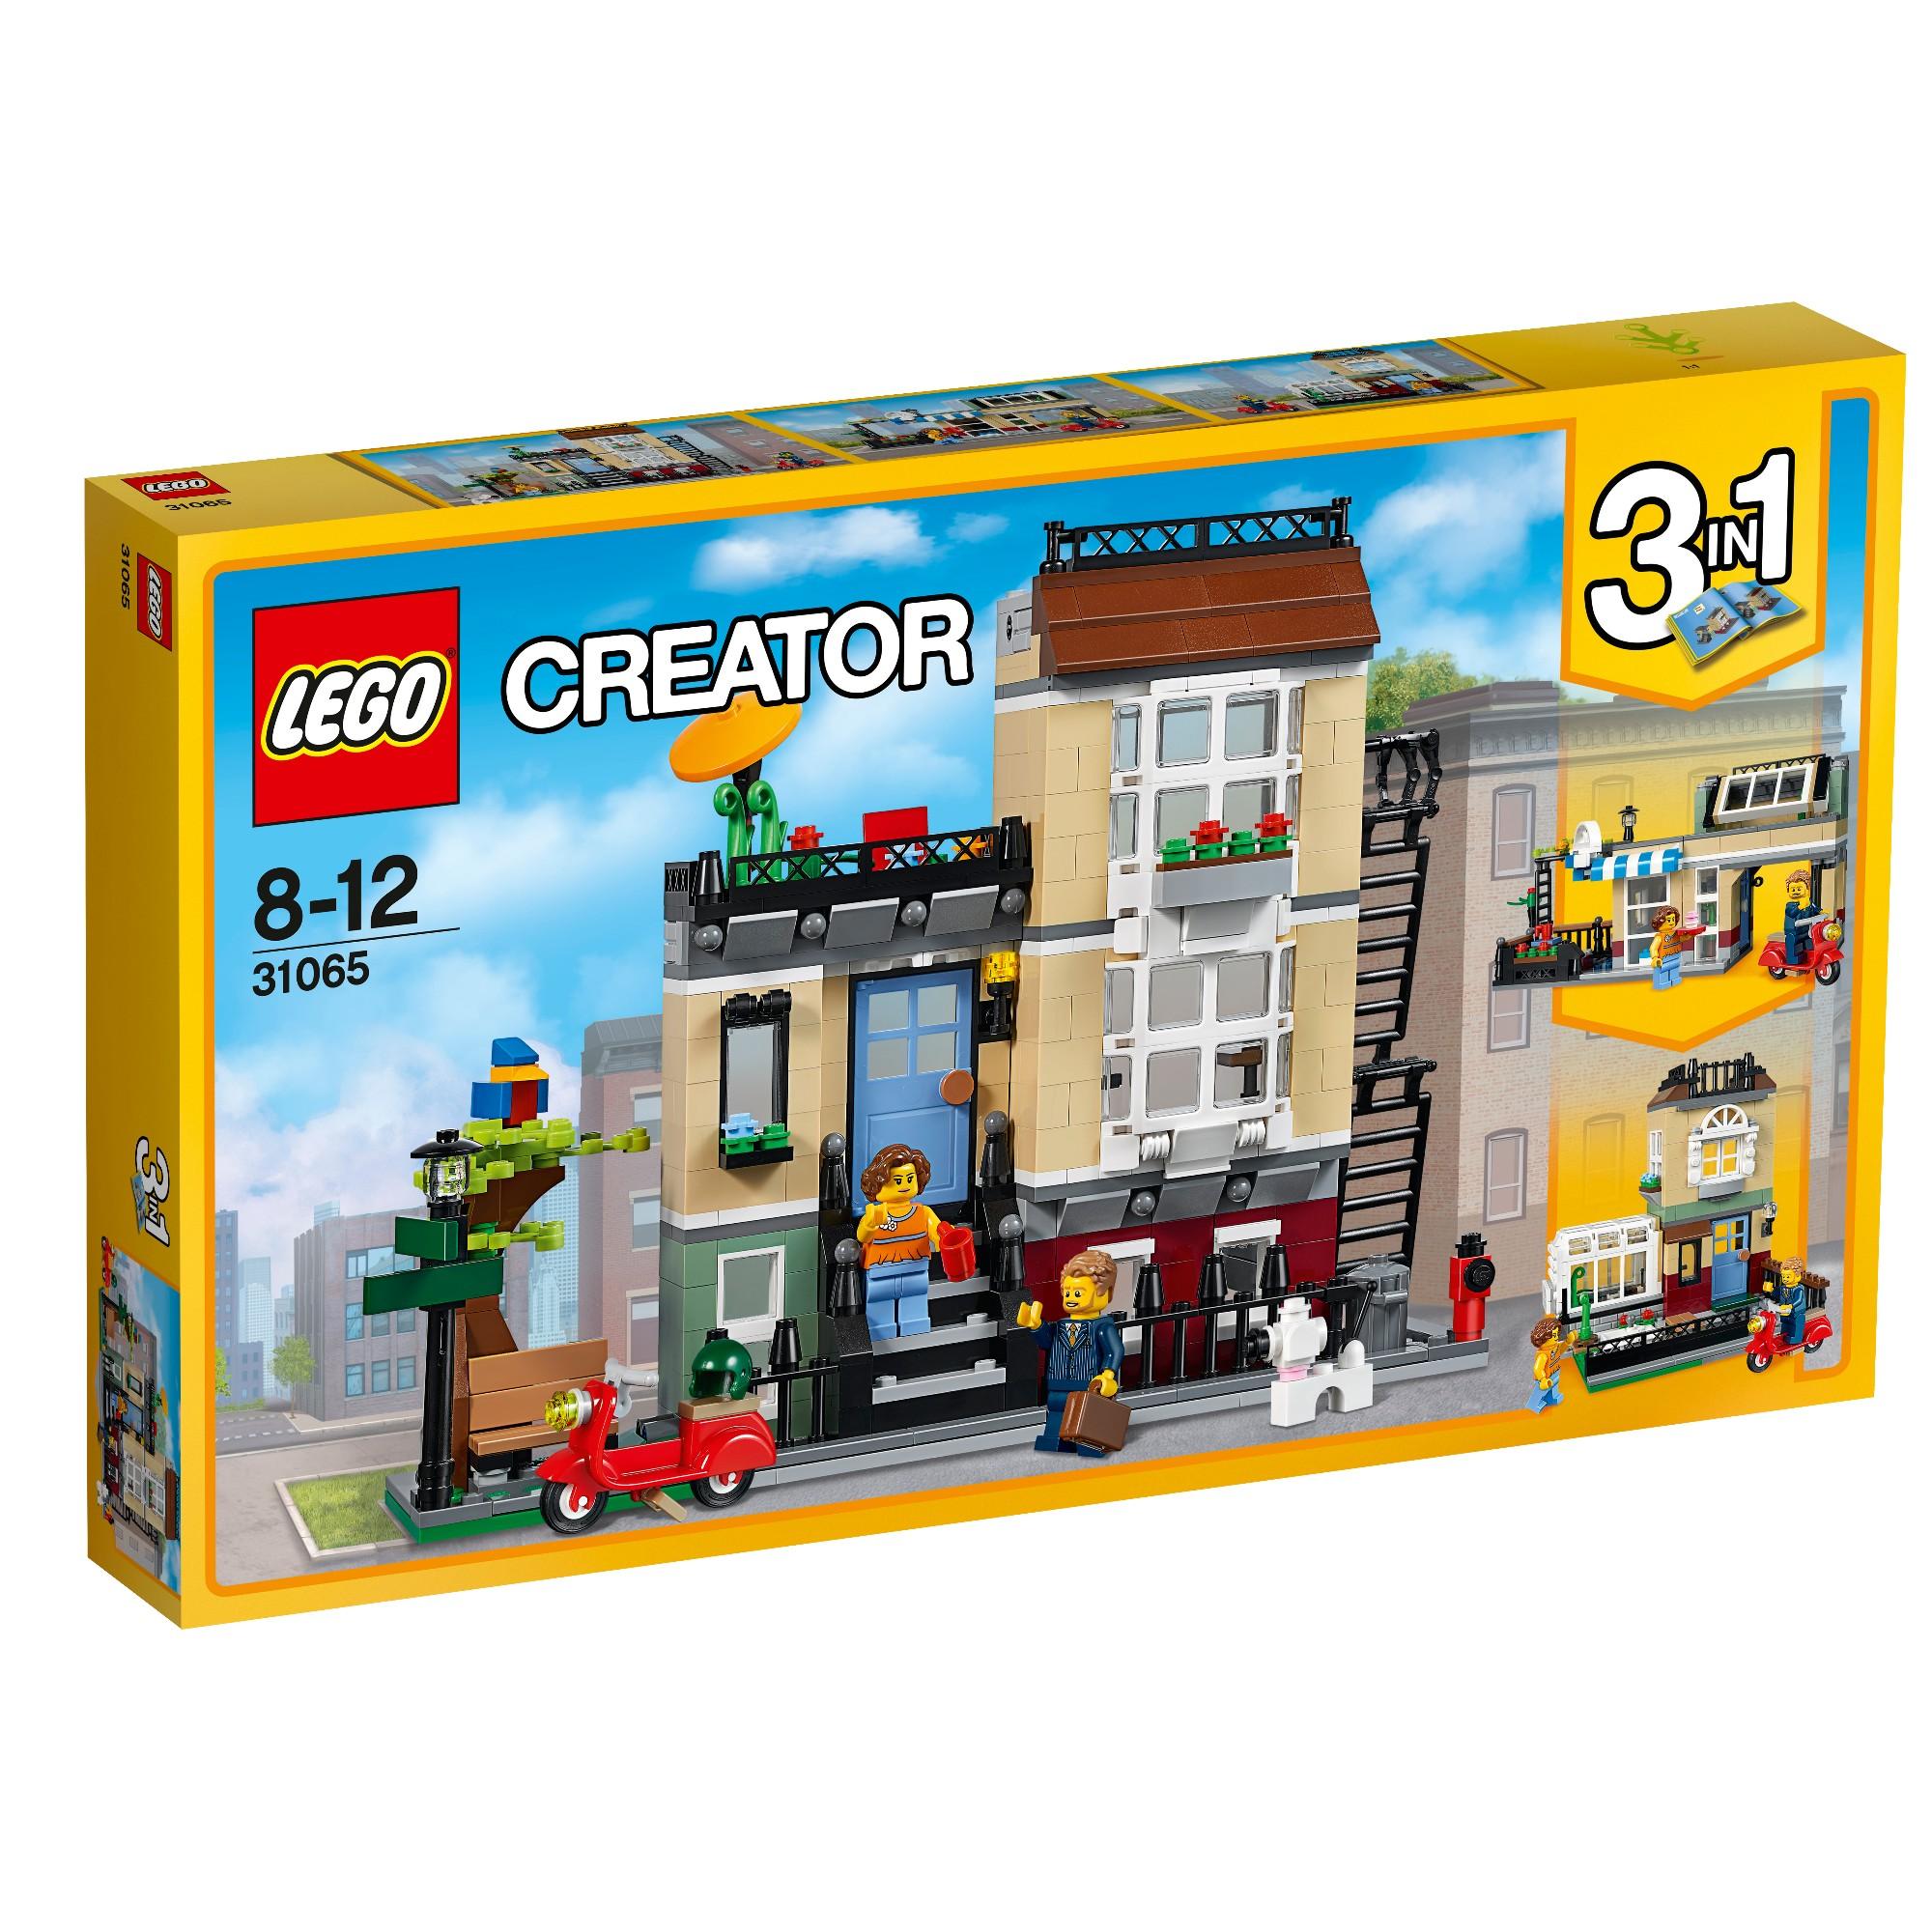 Konstruktorius LEGO Creator Namas Parko gatvėje 8-12 metų vaikams (31065)